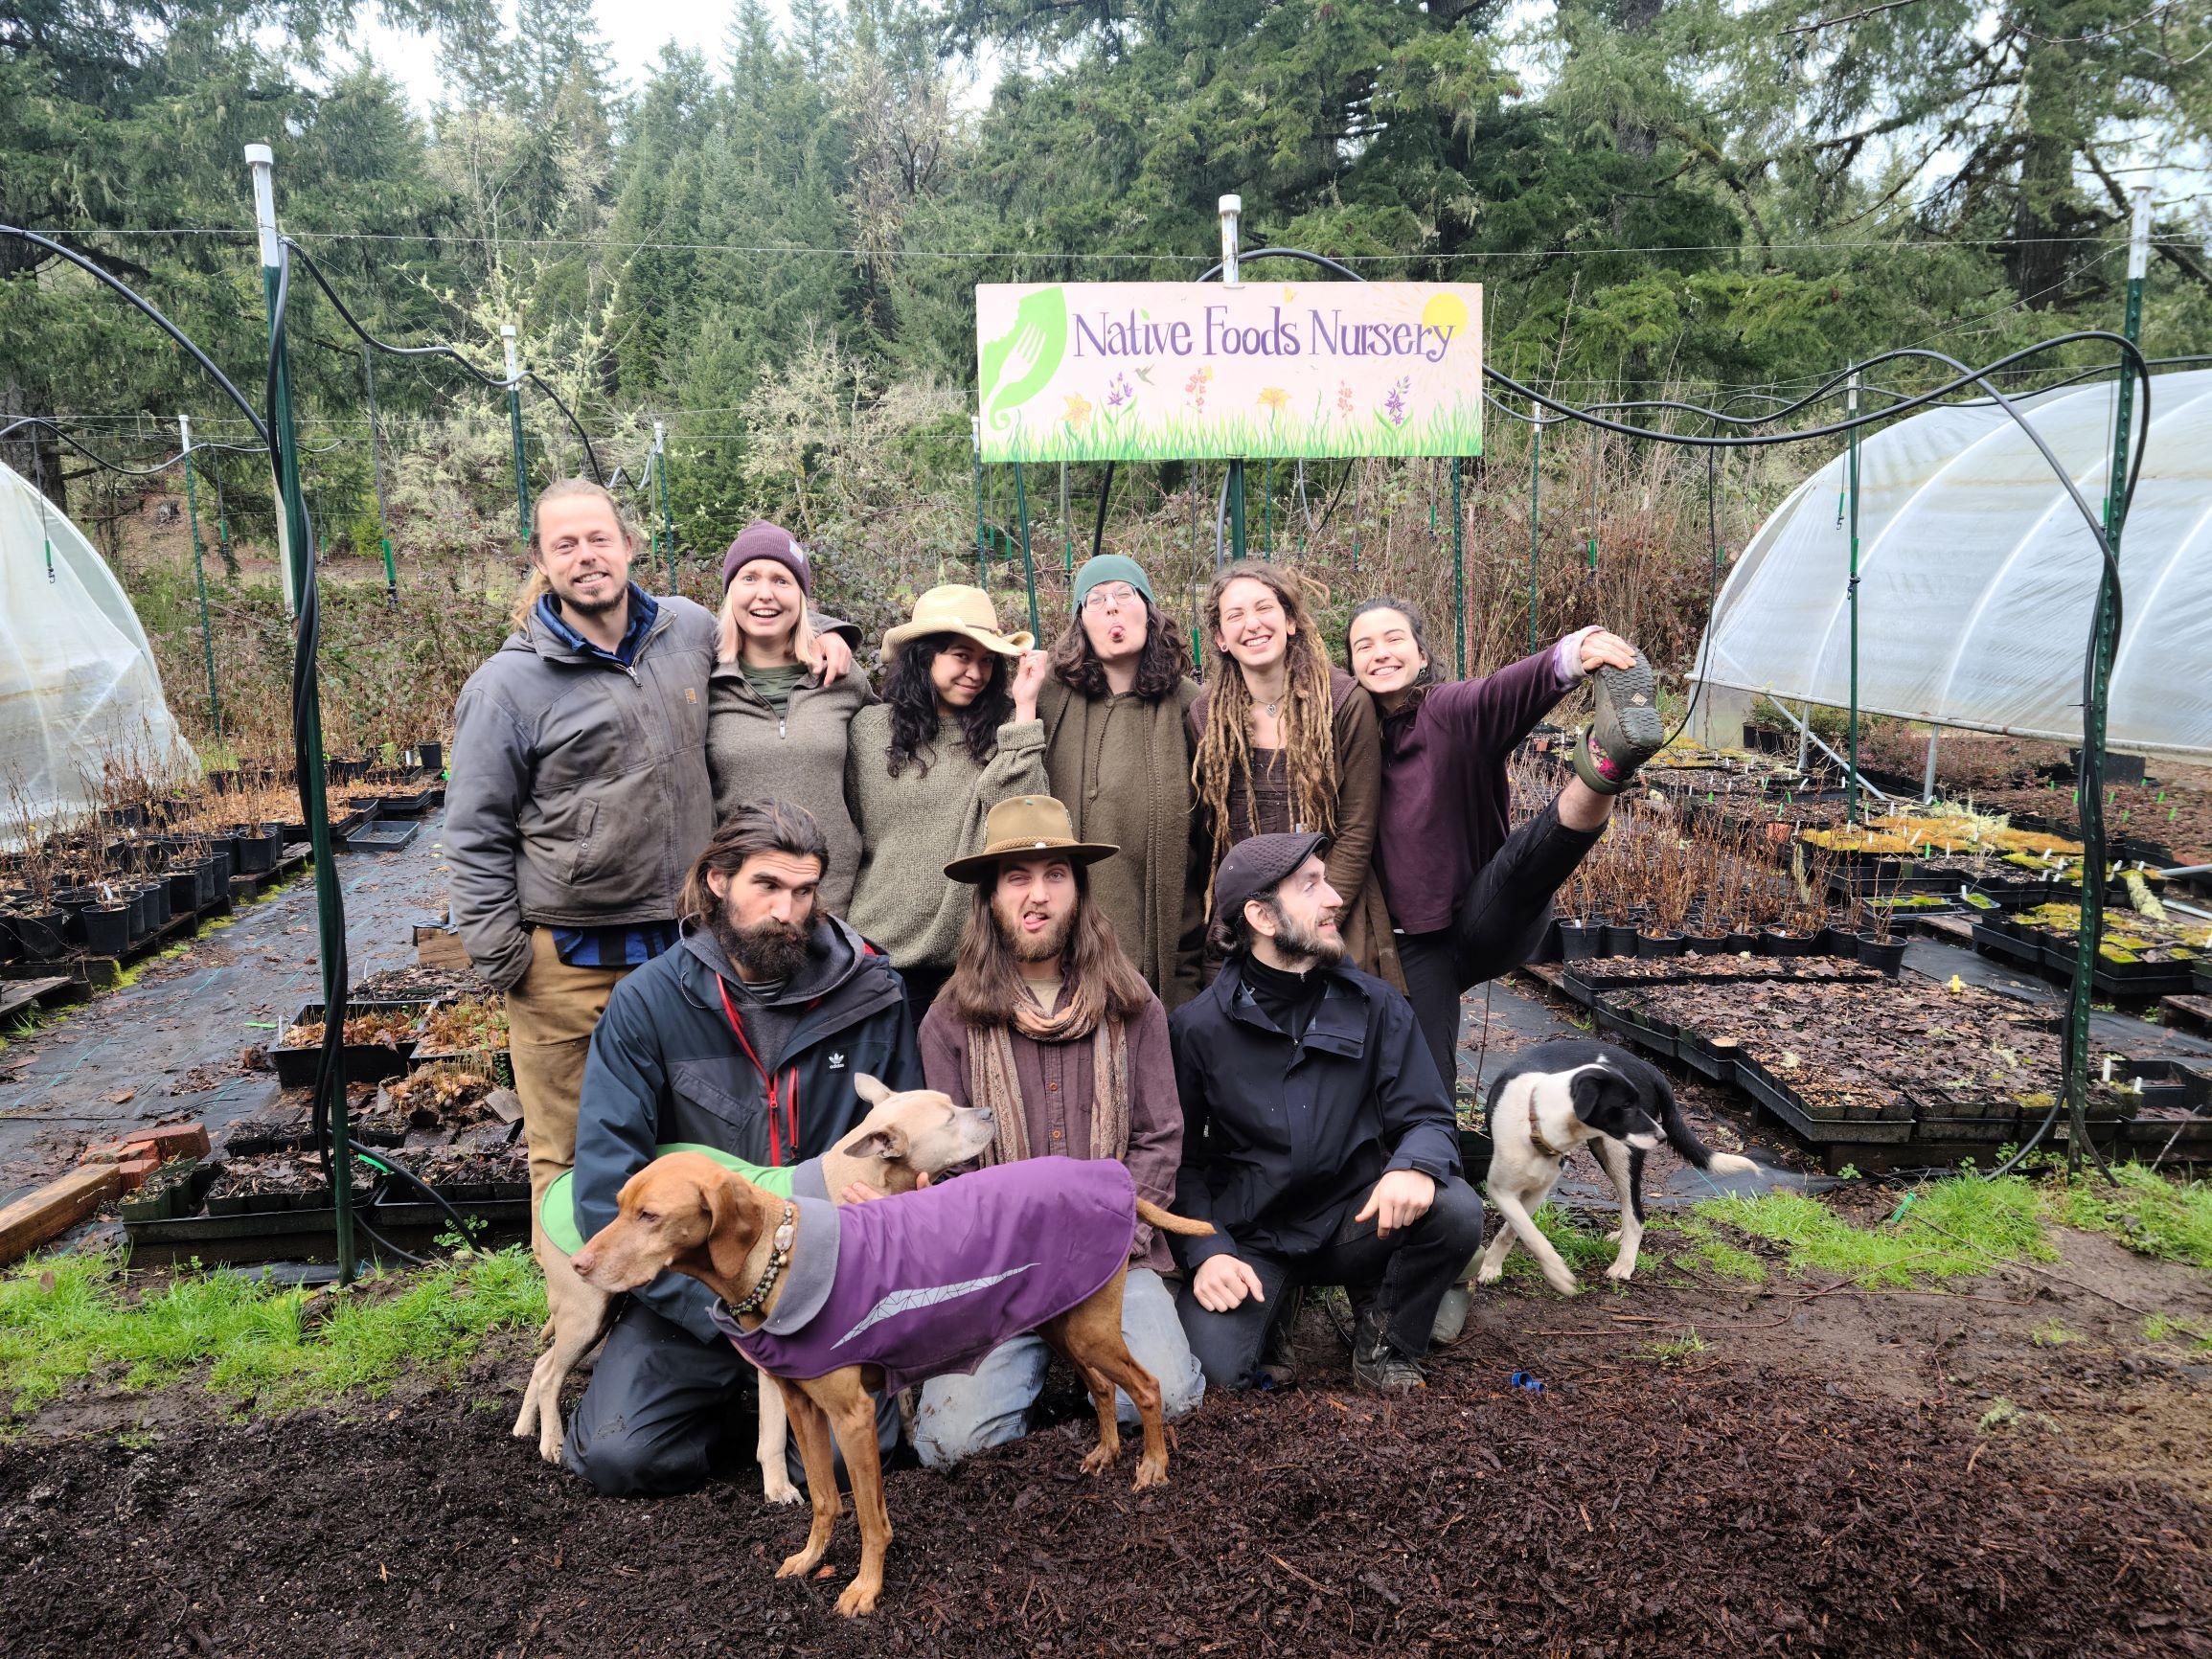 Meet the Native Foods Nursery Team!